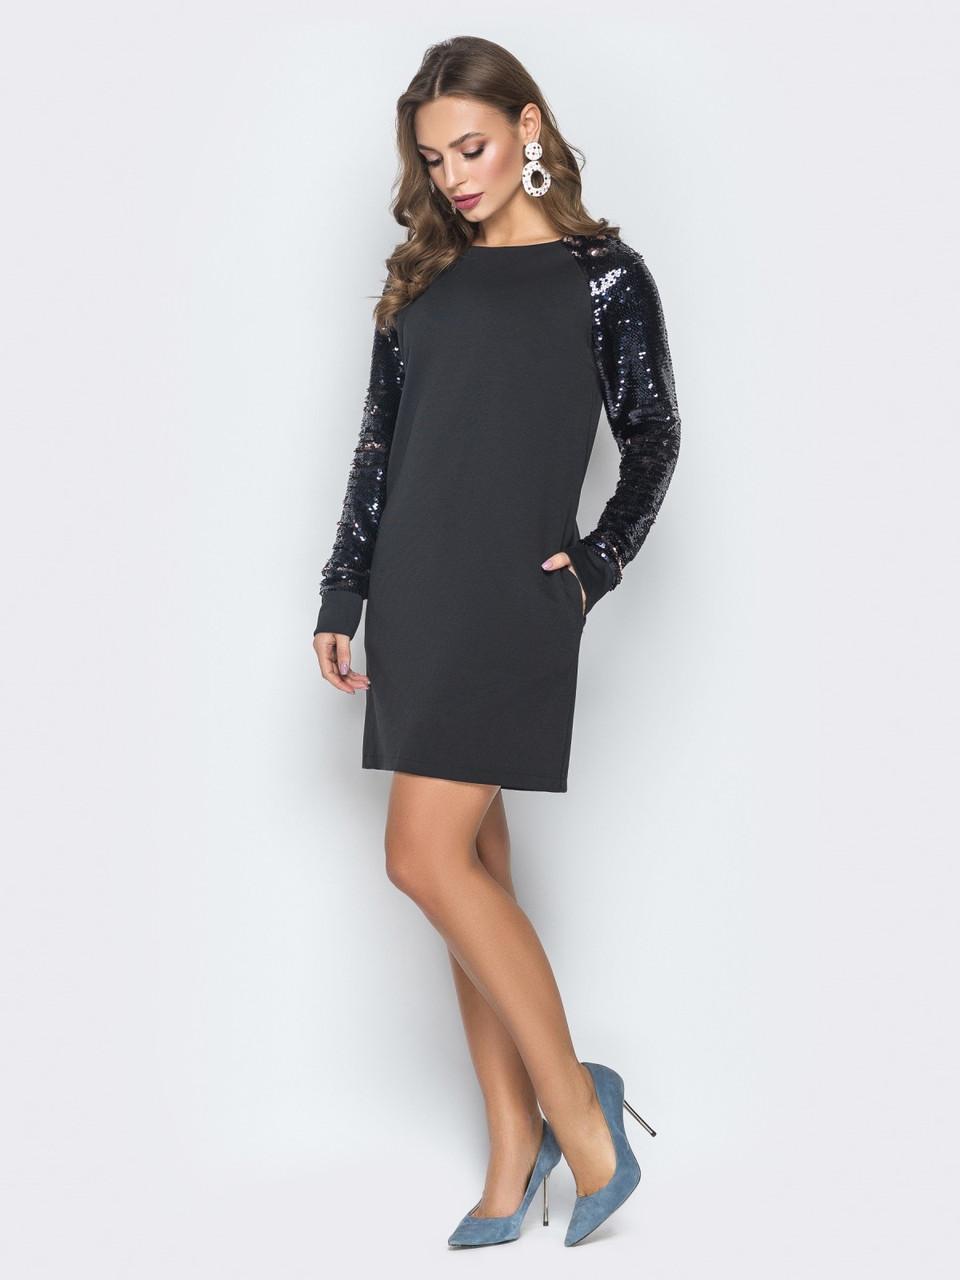 Черное платье из итальянского трикотажа с рукавами из паеток и молнией сзади